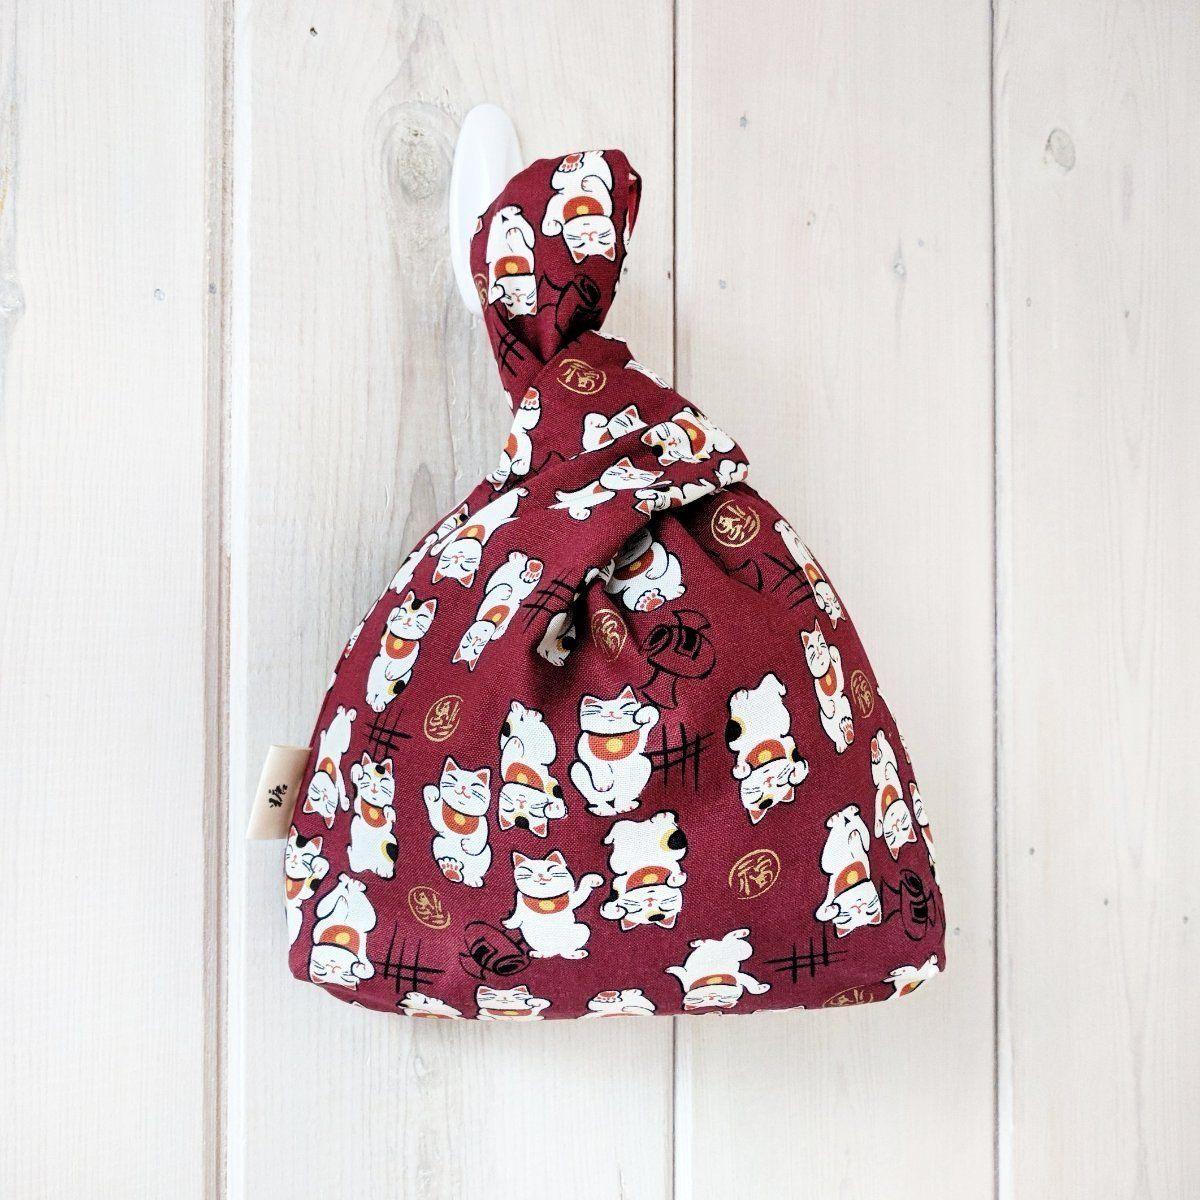 Knot Bag Wristlet Maneki Neko Red Maneki neko, Neko, Red